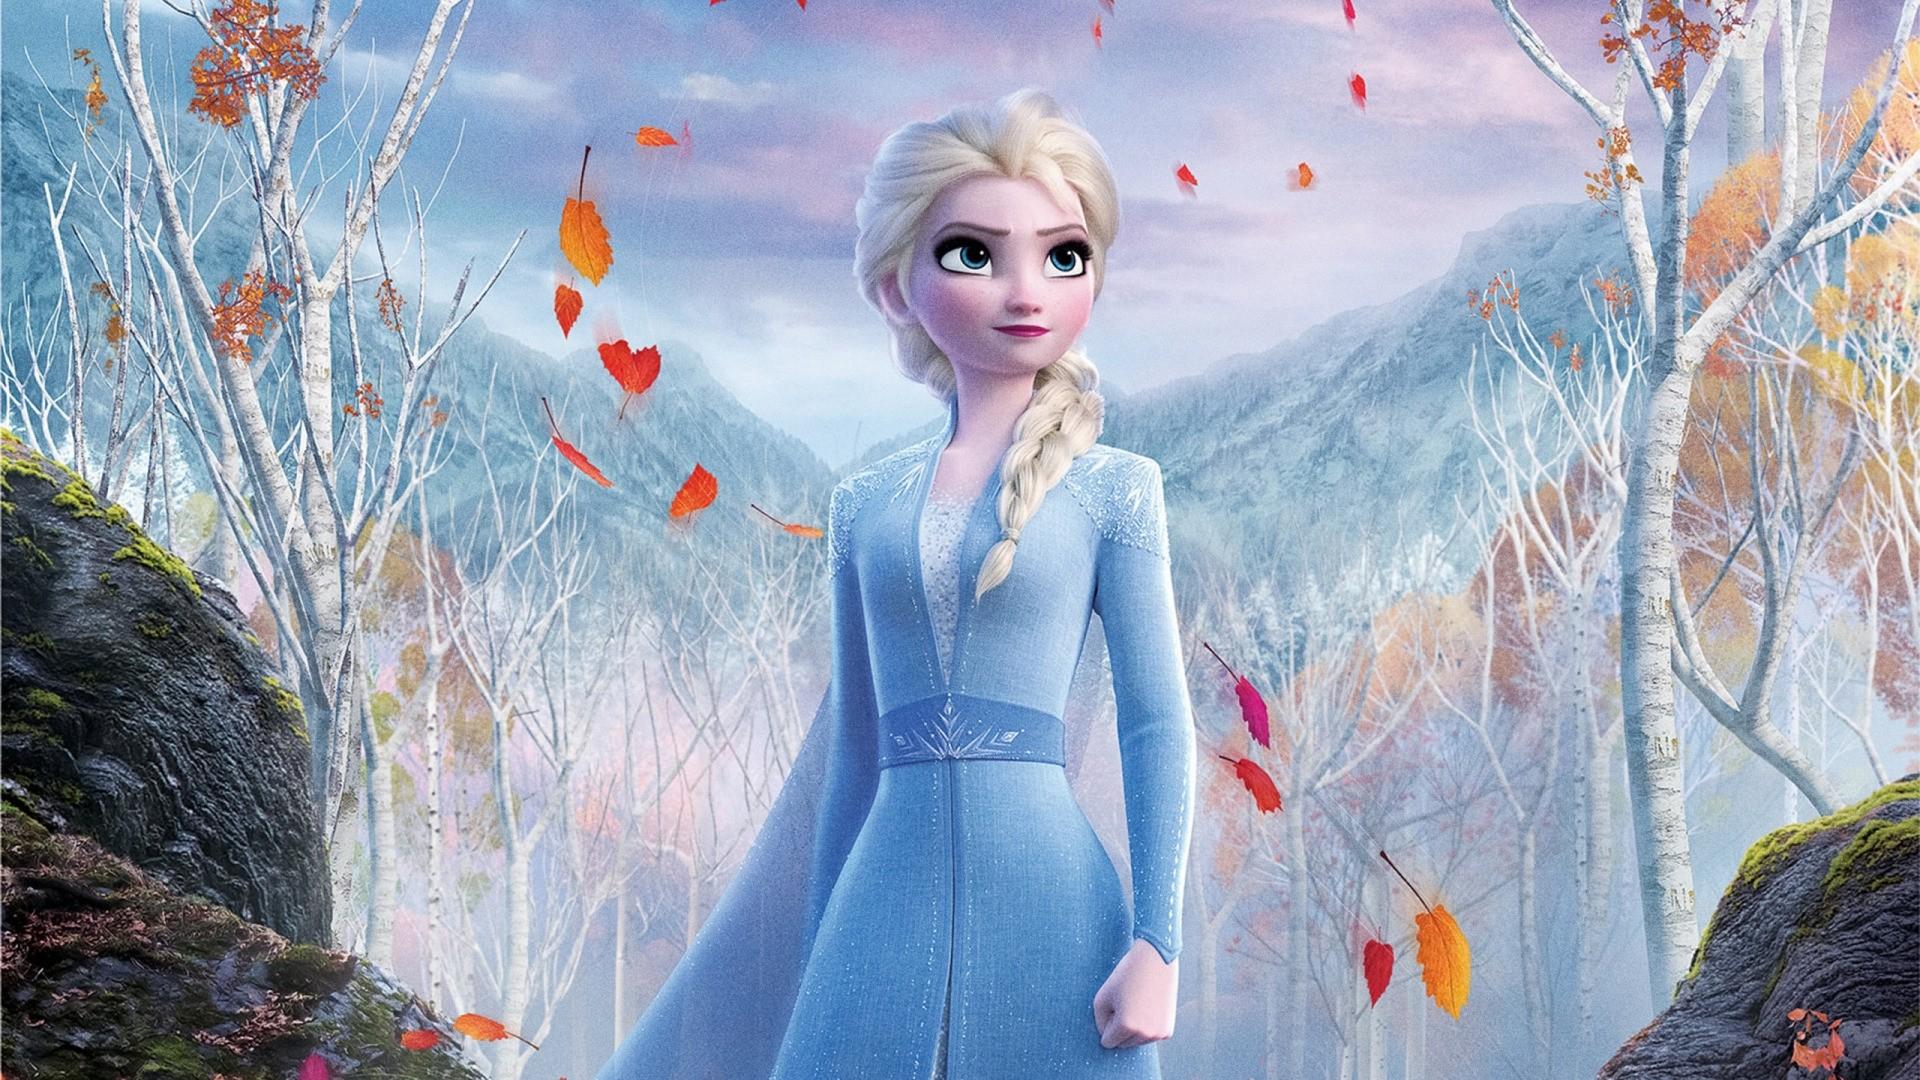 Frozen 2 Wallpaper image hd